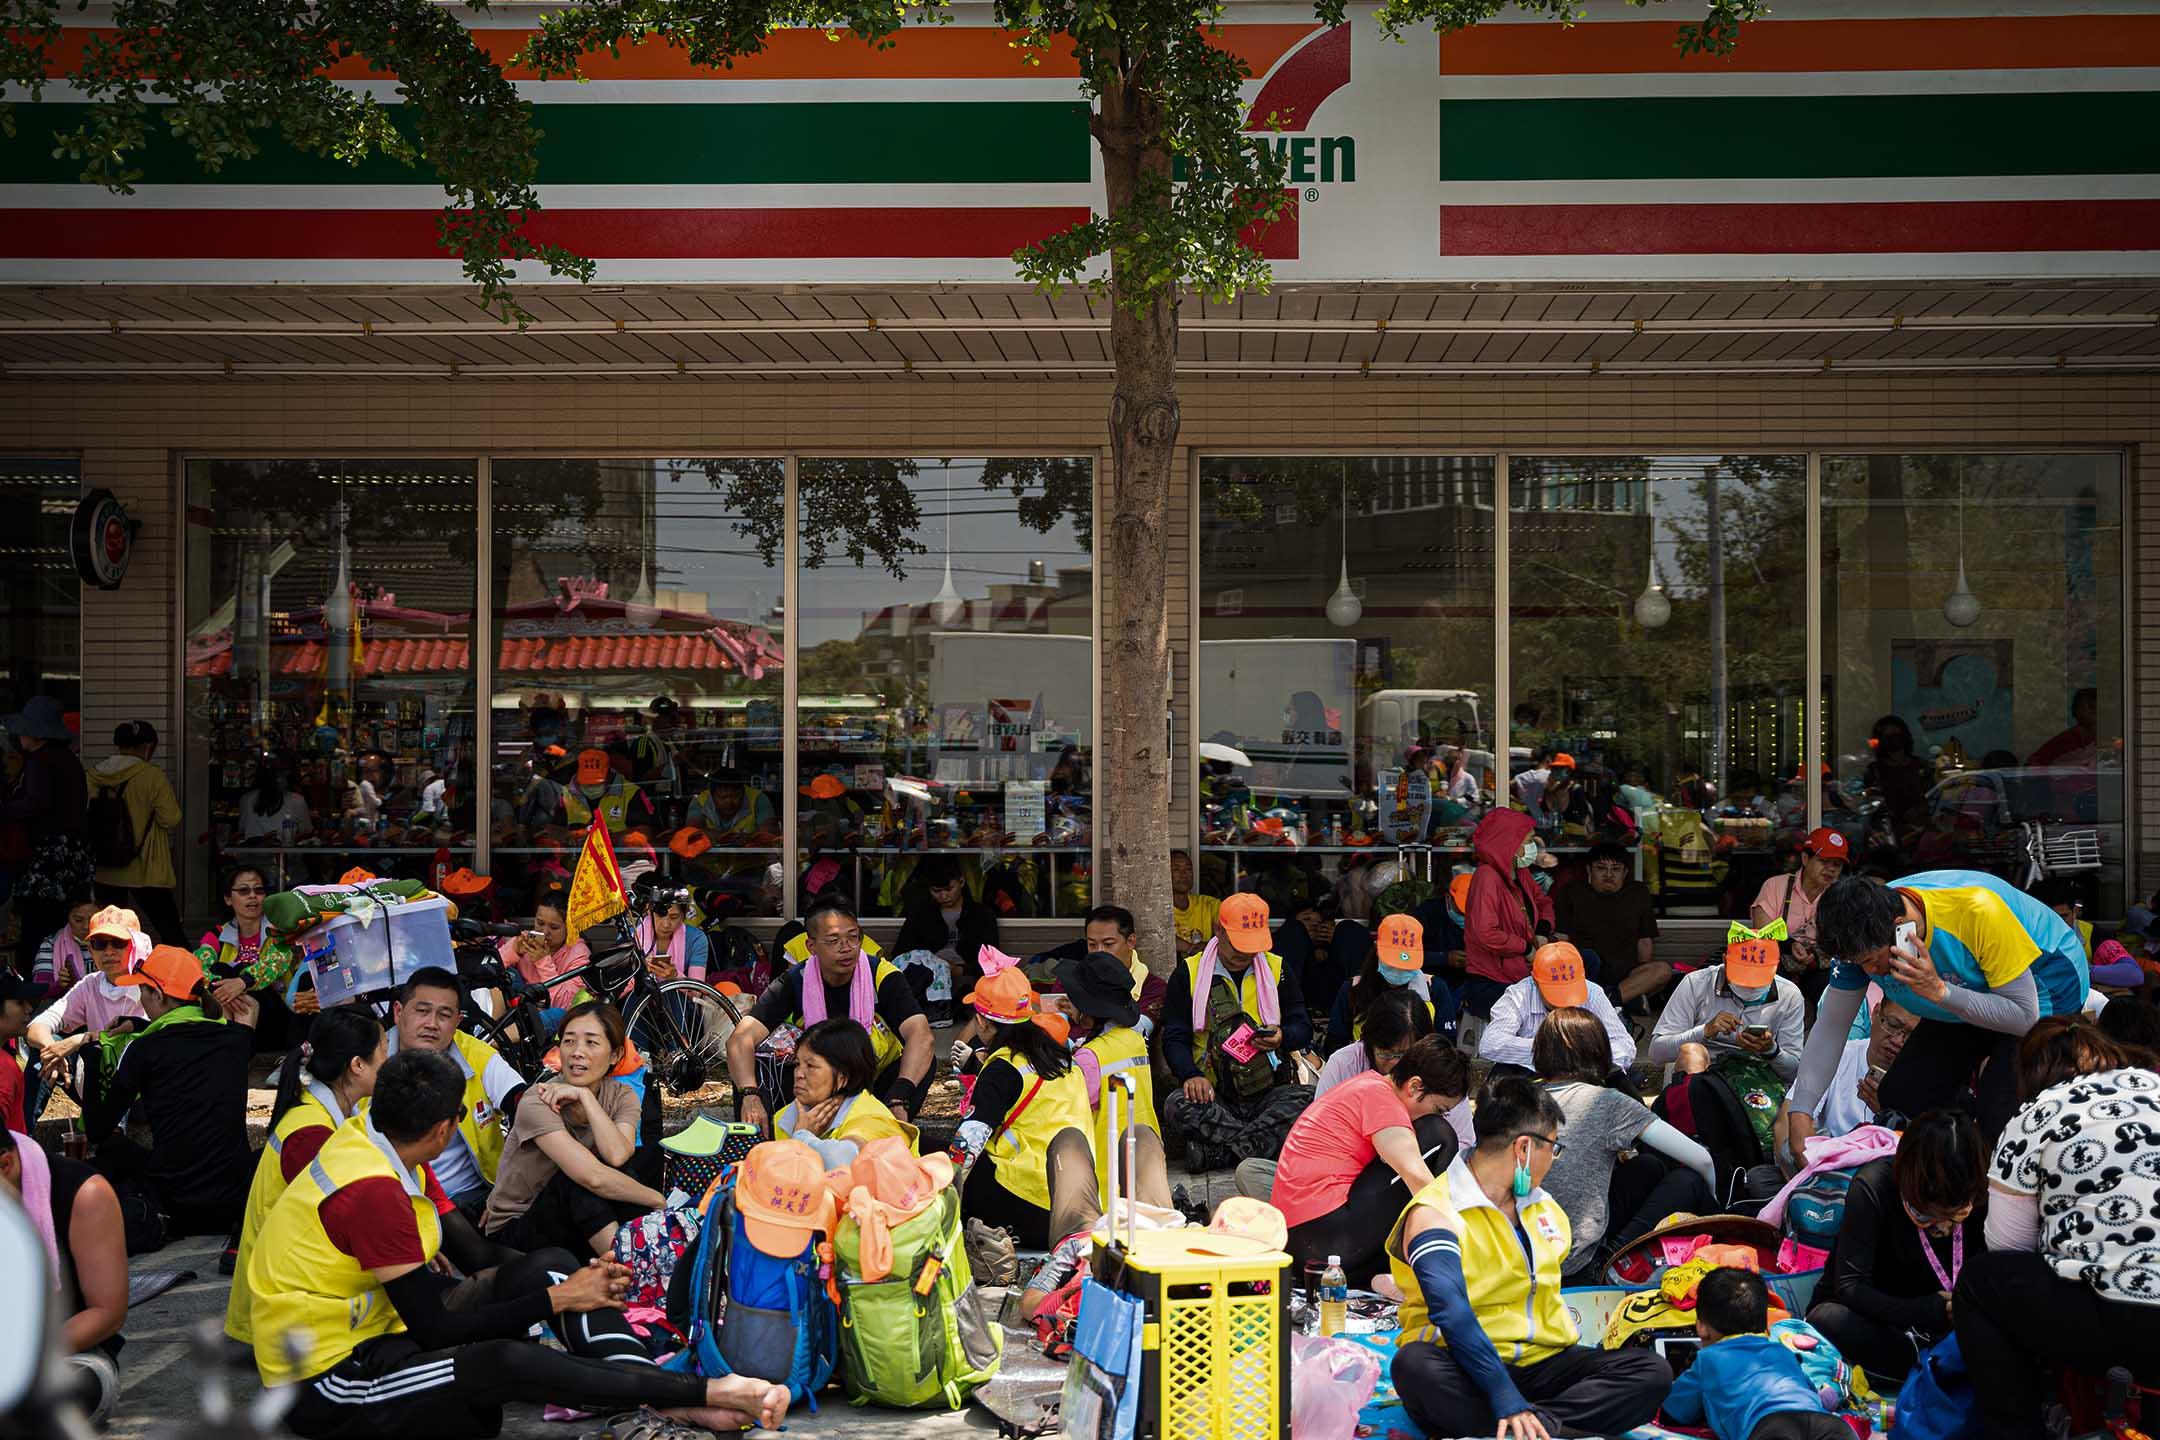 進香隊伍行進中,隨時可見信眾在路邊覓地休息,商家亦多不見怪。